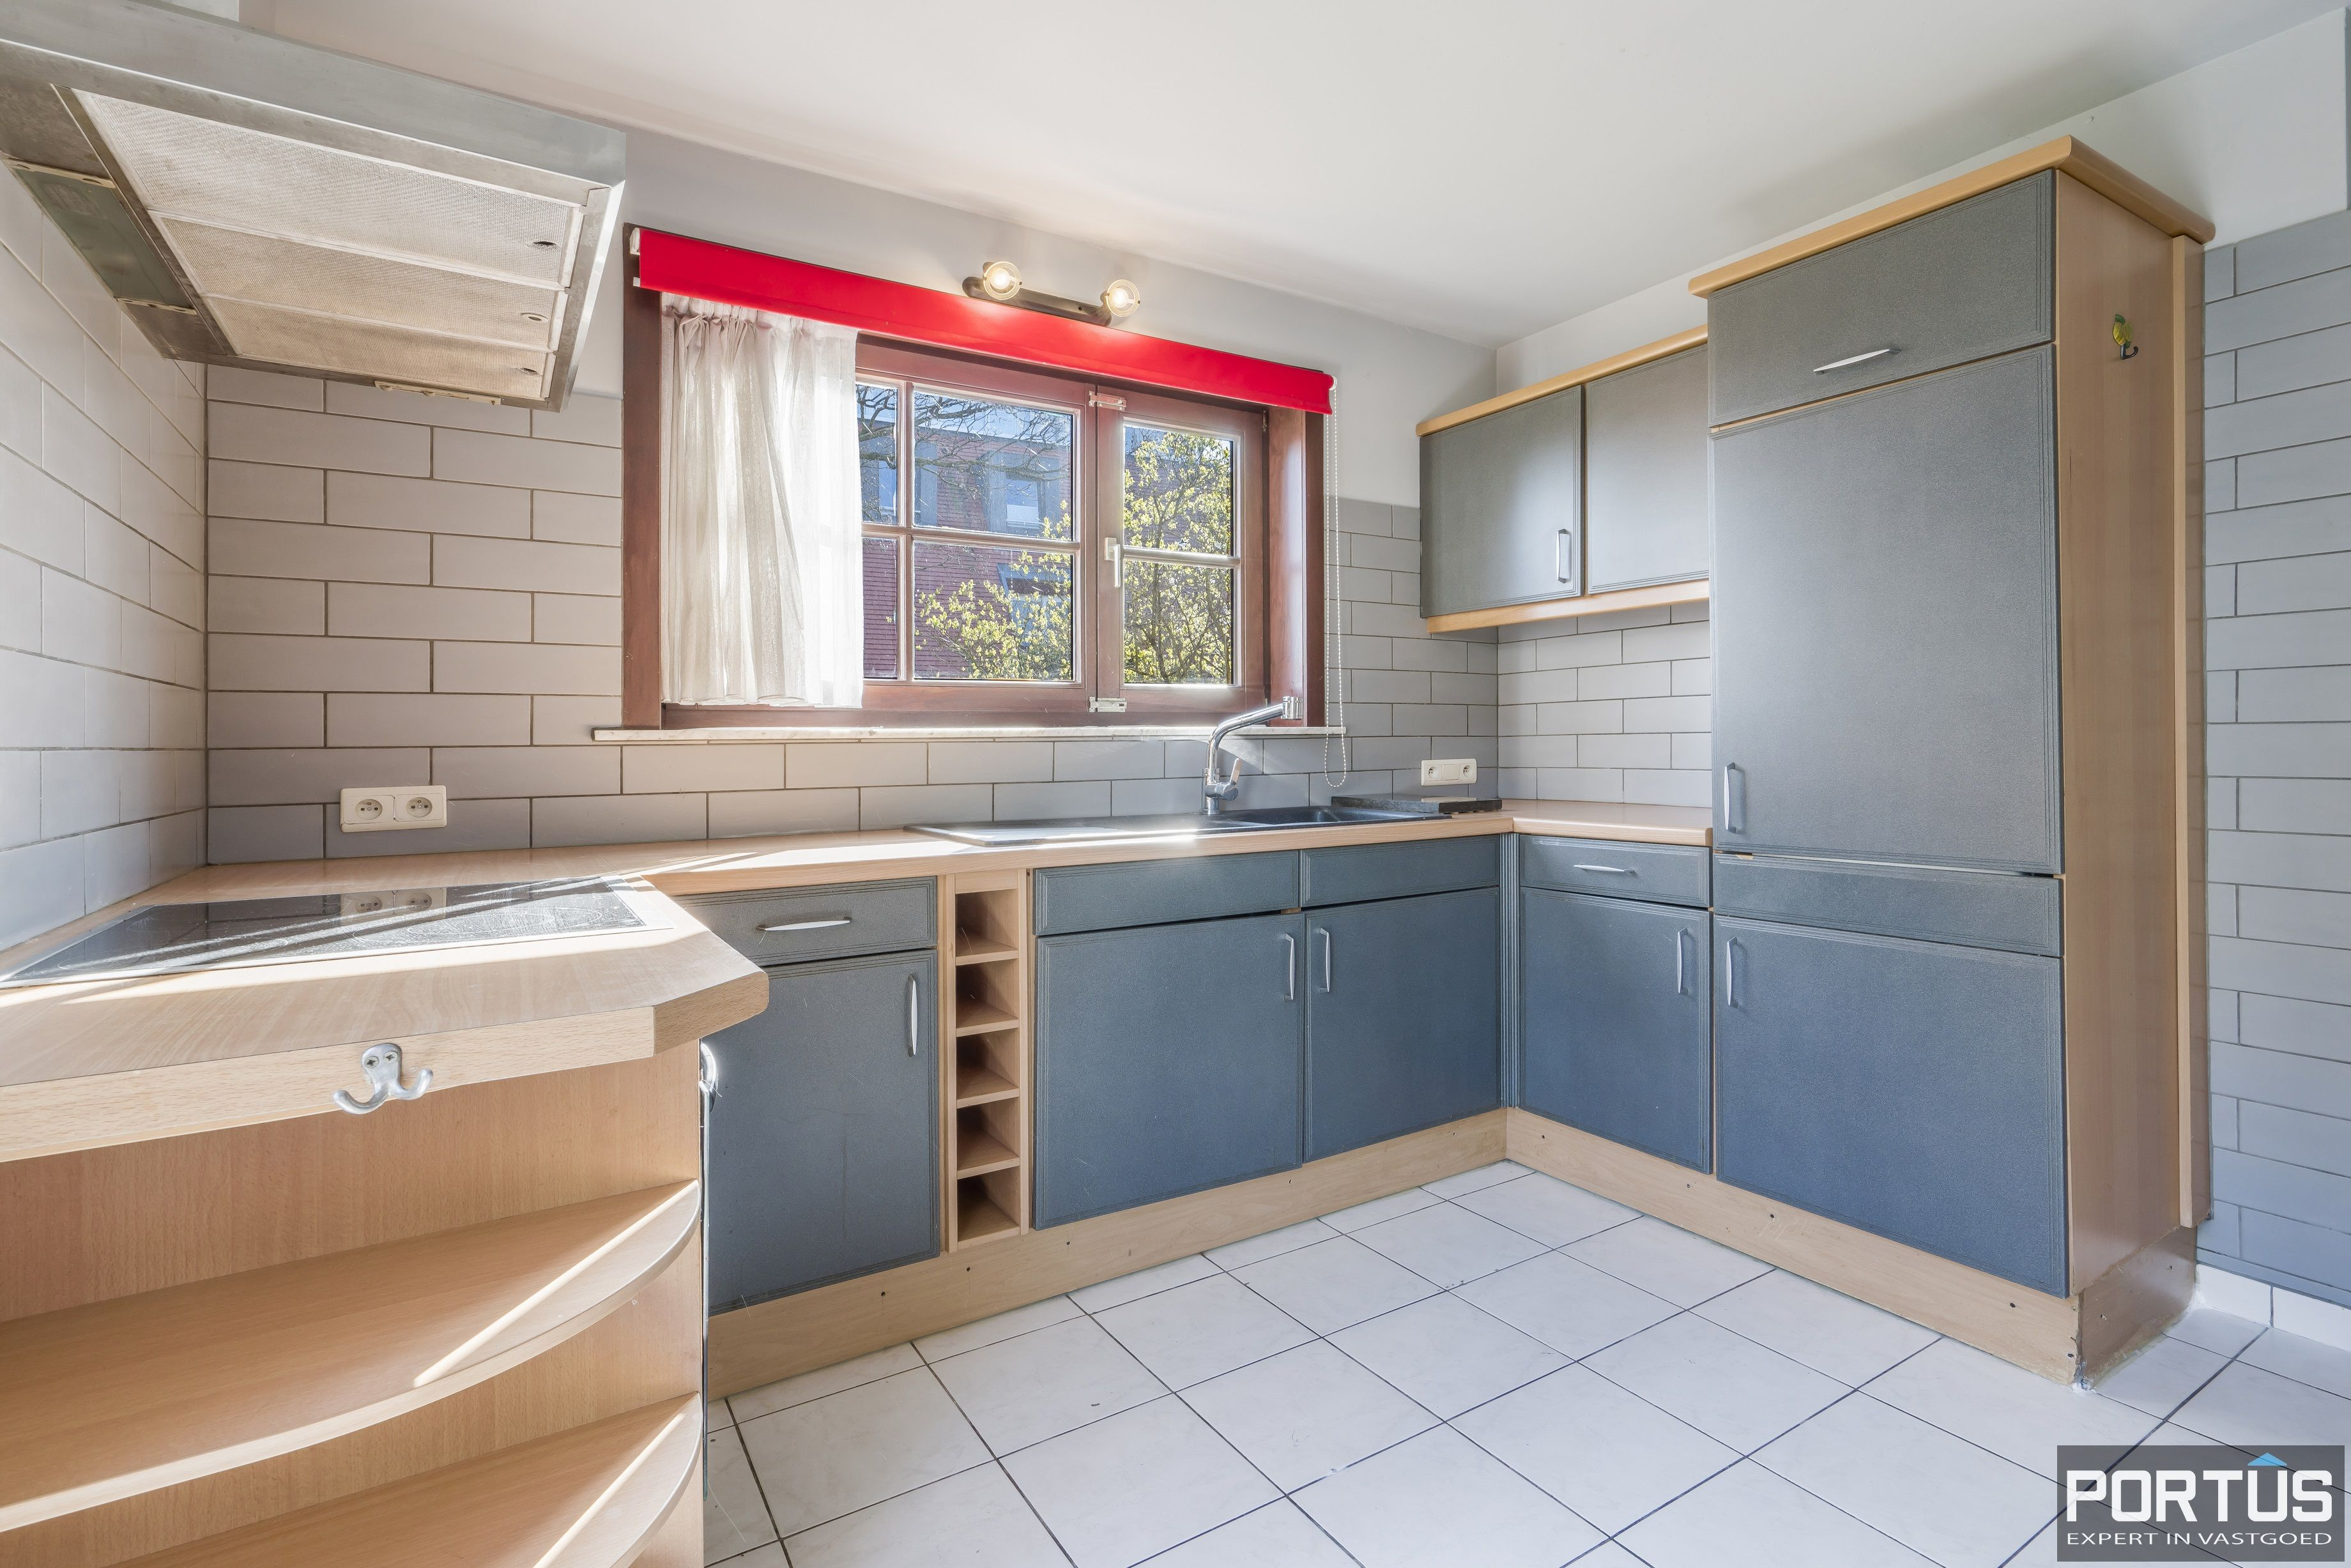 Villa te koop met 3 slaapkamers te Nieuwpoort - 12470